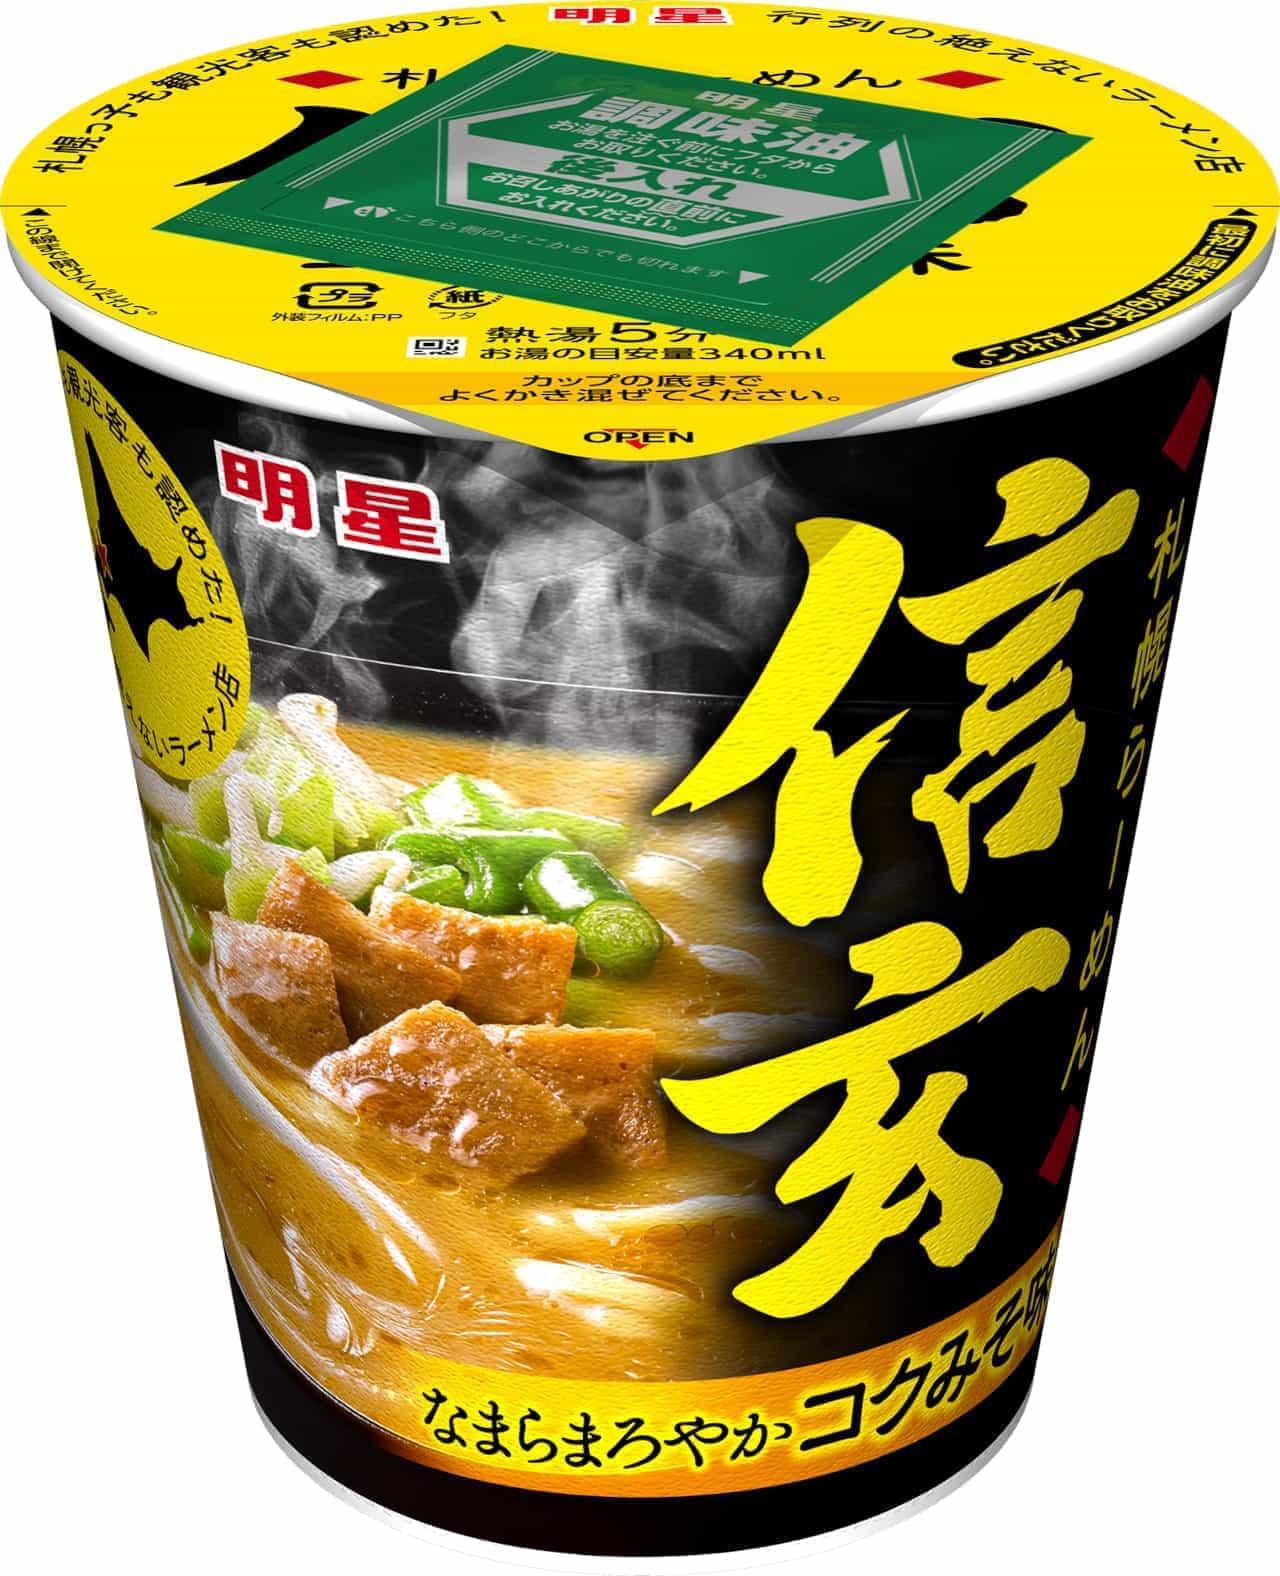 カップ麺「明星 札幌らーめん信玄 コクみそ味」みたび登場!